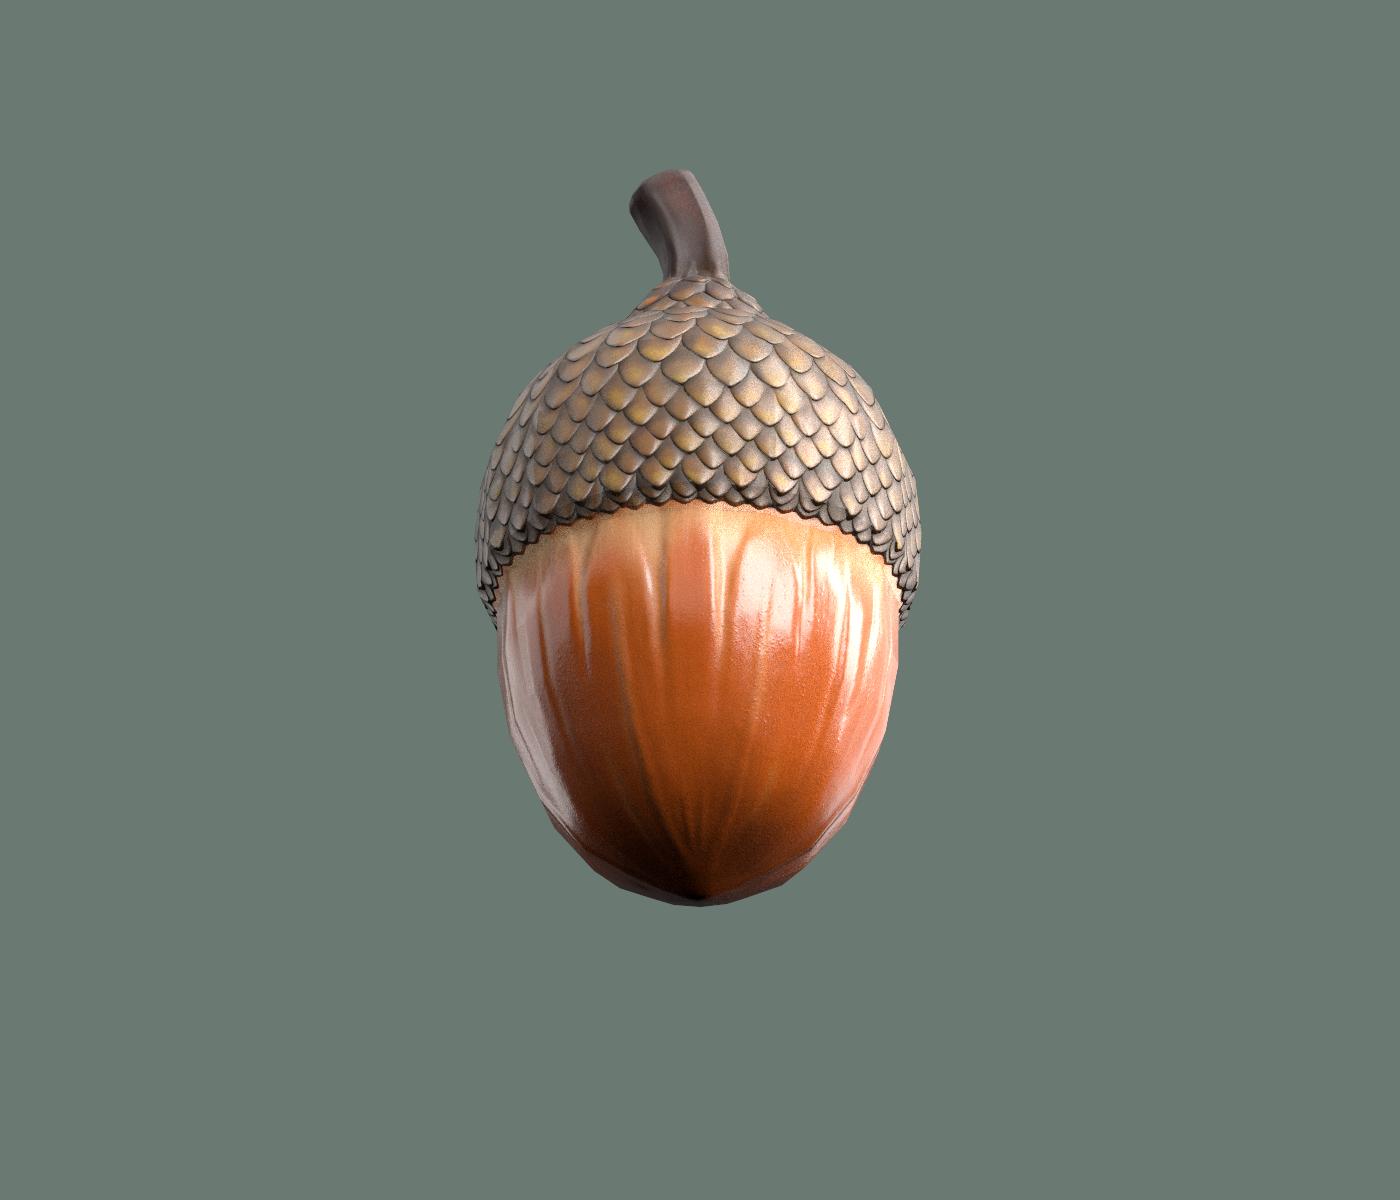 Acorn Low Poly 3D Model in Small Plants 3DExport